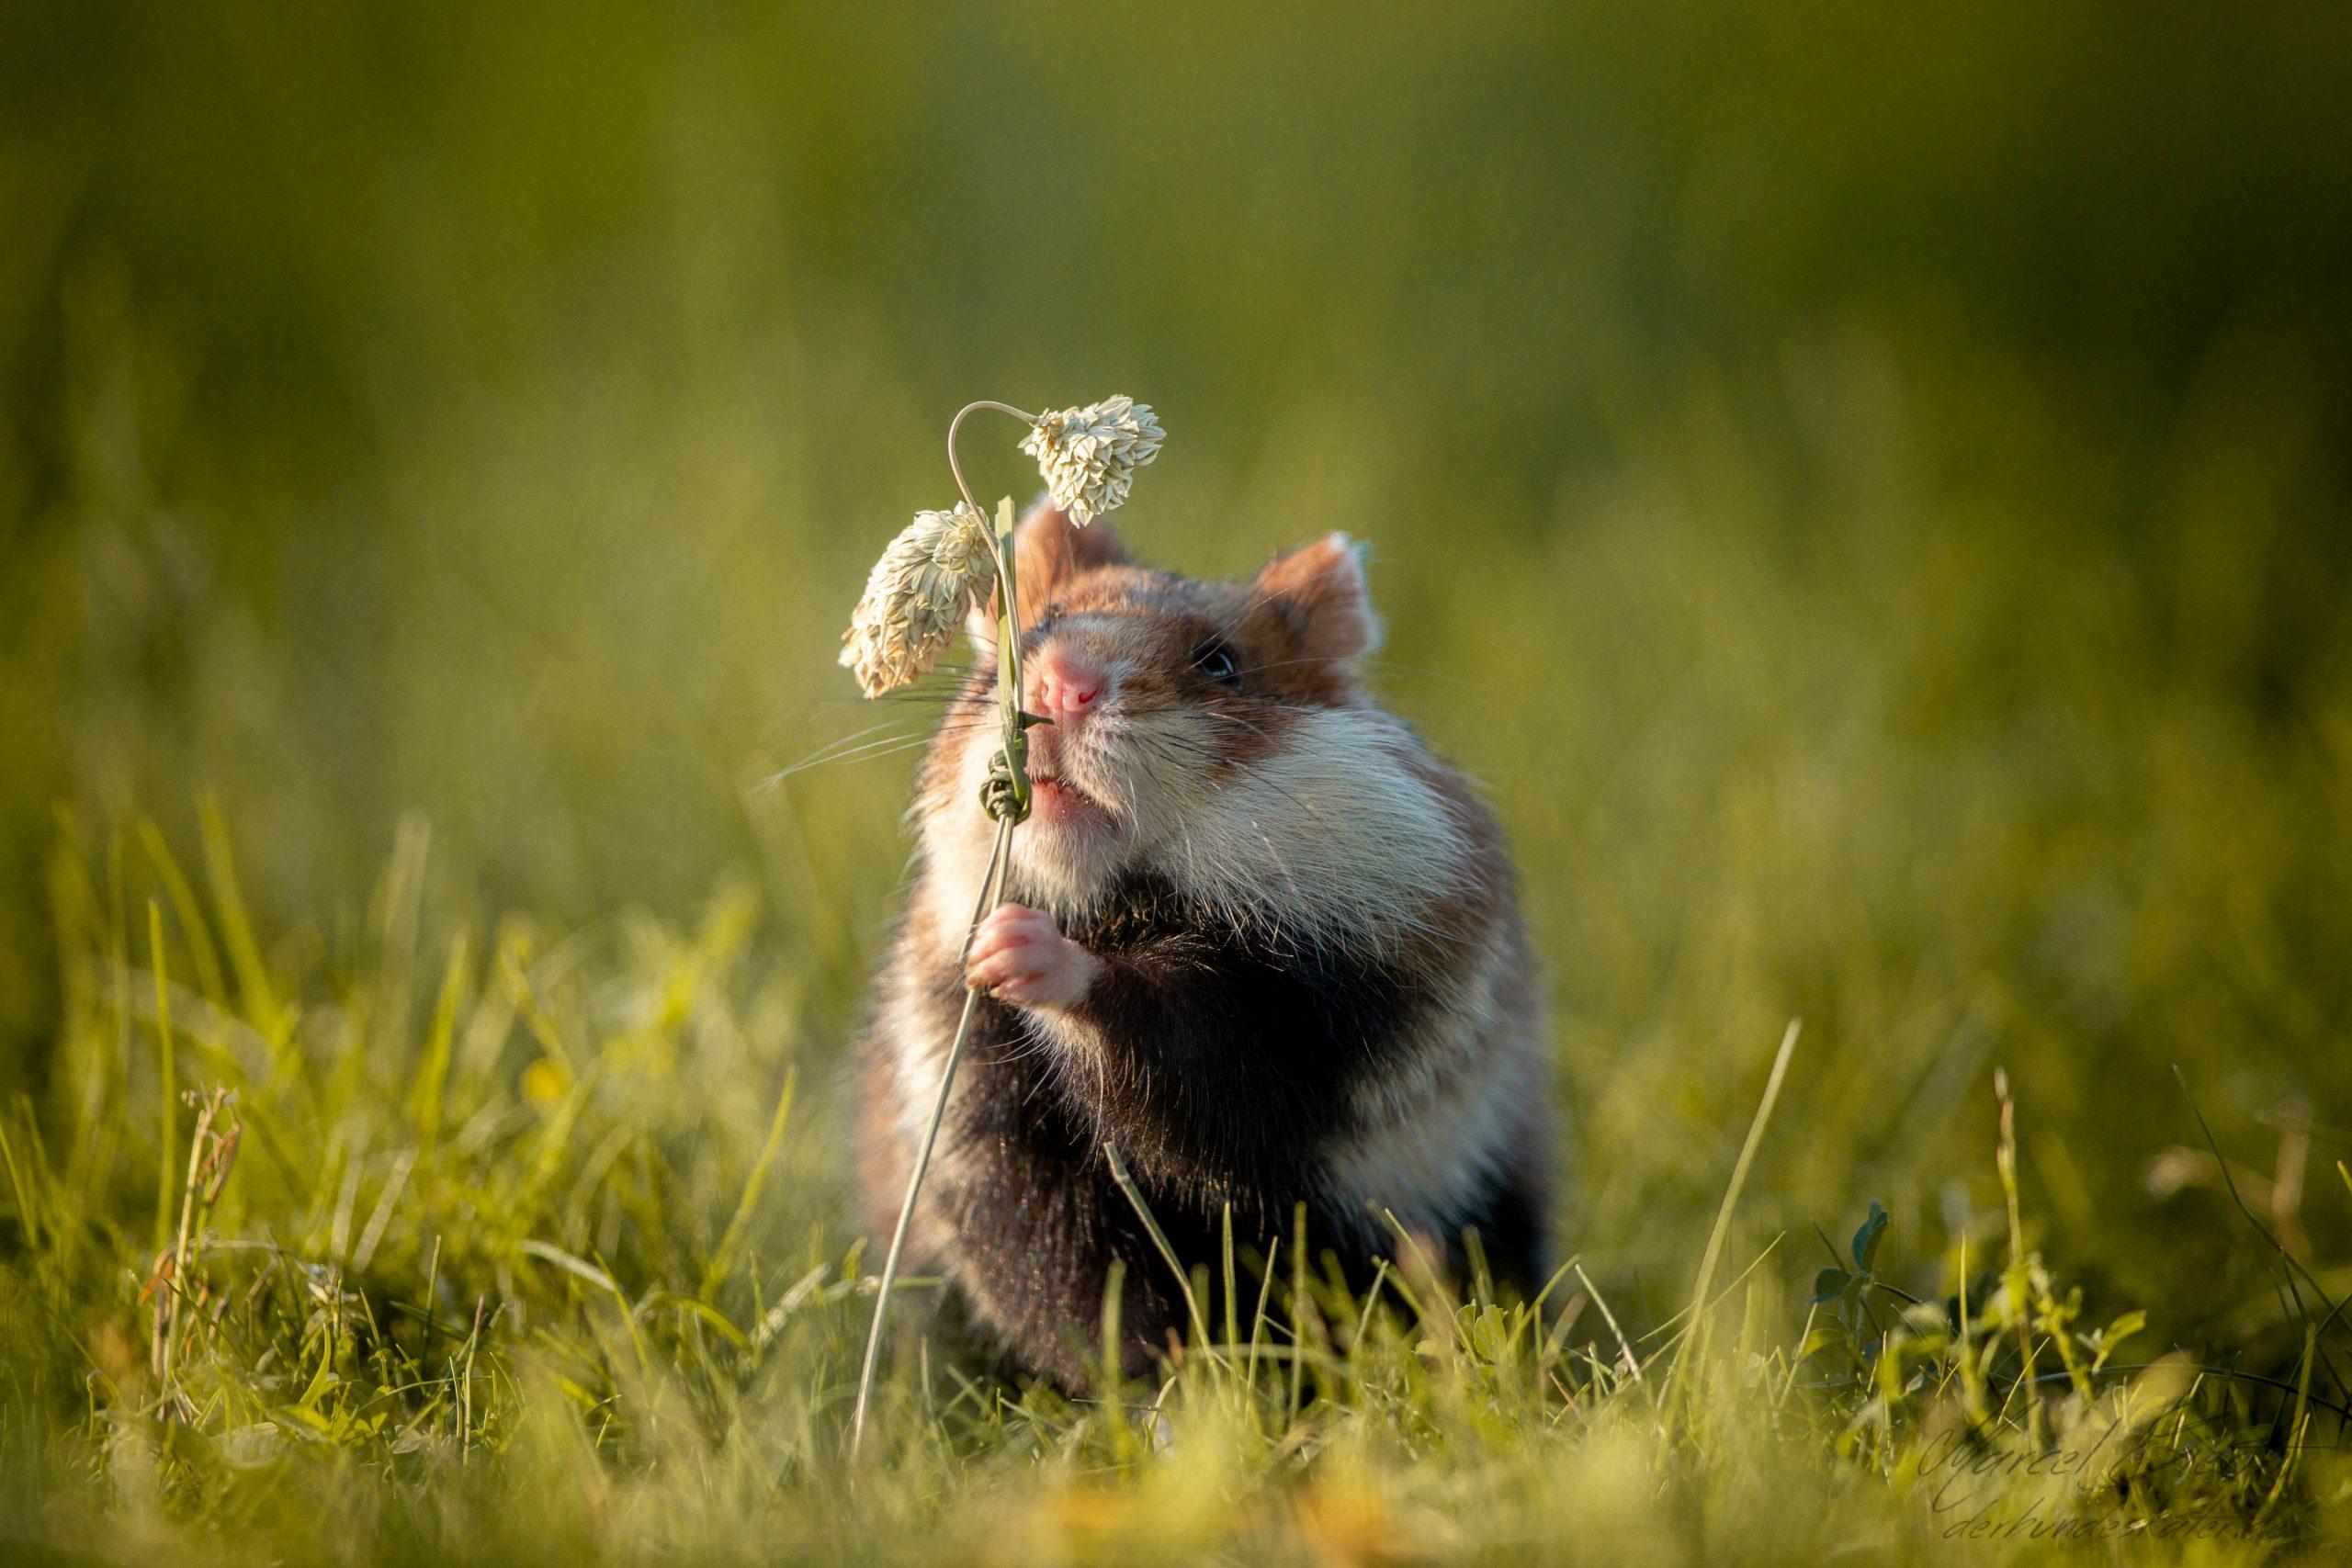 Hamster schnuppert an Blume  - Fotograf Marcel Gierth